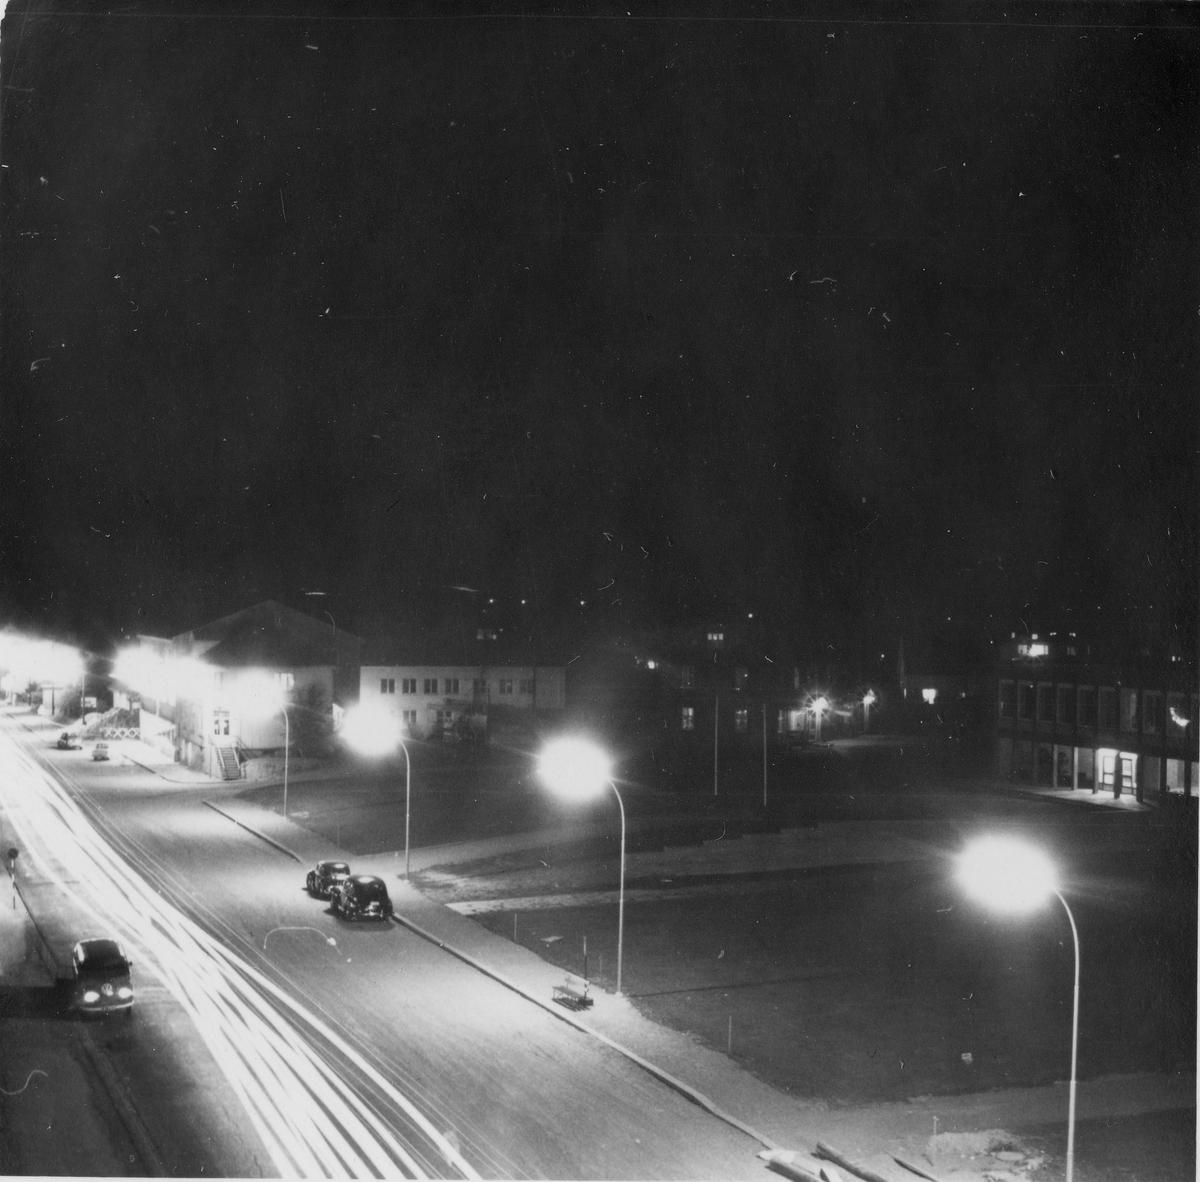 Belysning av Strømsveien, tatt fra samfunnsbygningen. 10. september 1959.